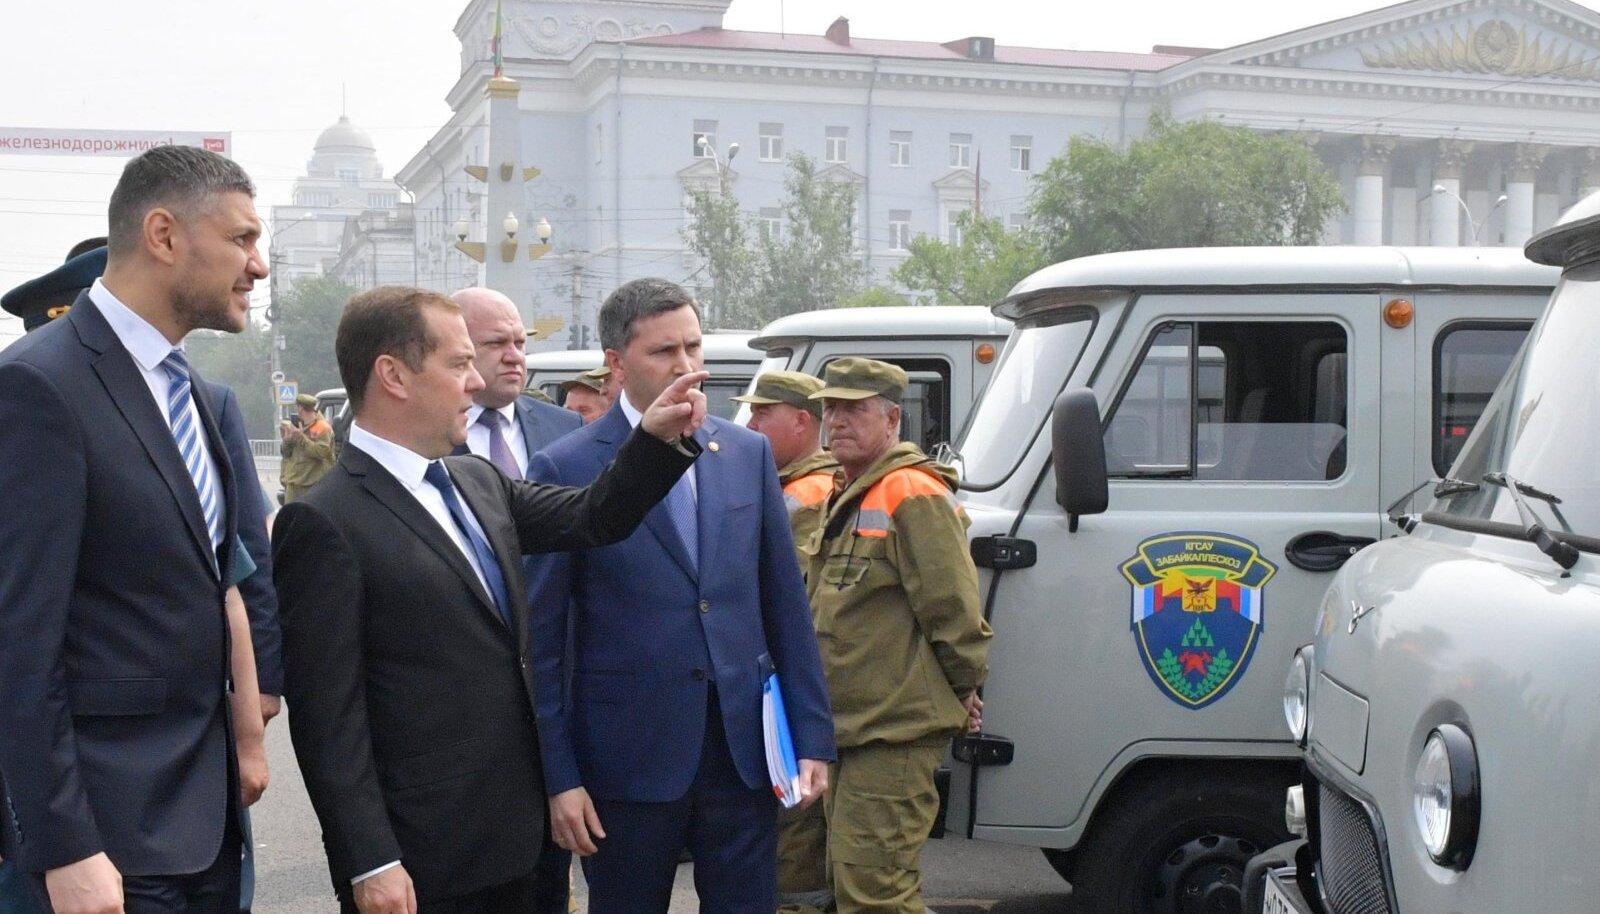 Dmitri Medvedev käis täna Taga-Baikali krais Tšitaas tuletõrjevahenditega tutvumas